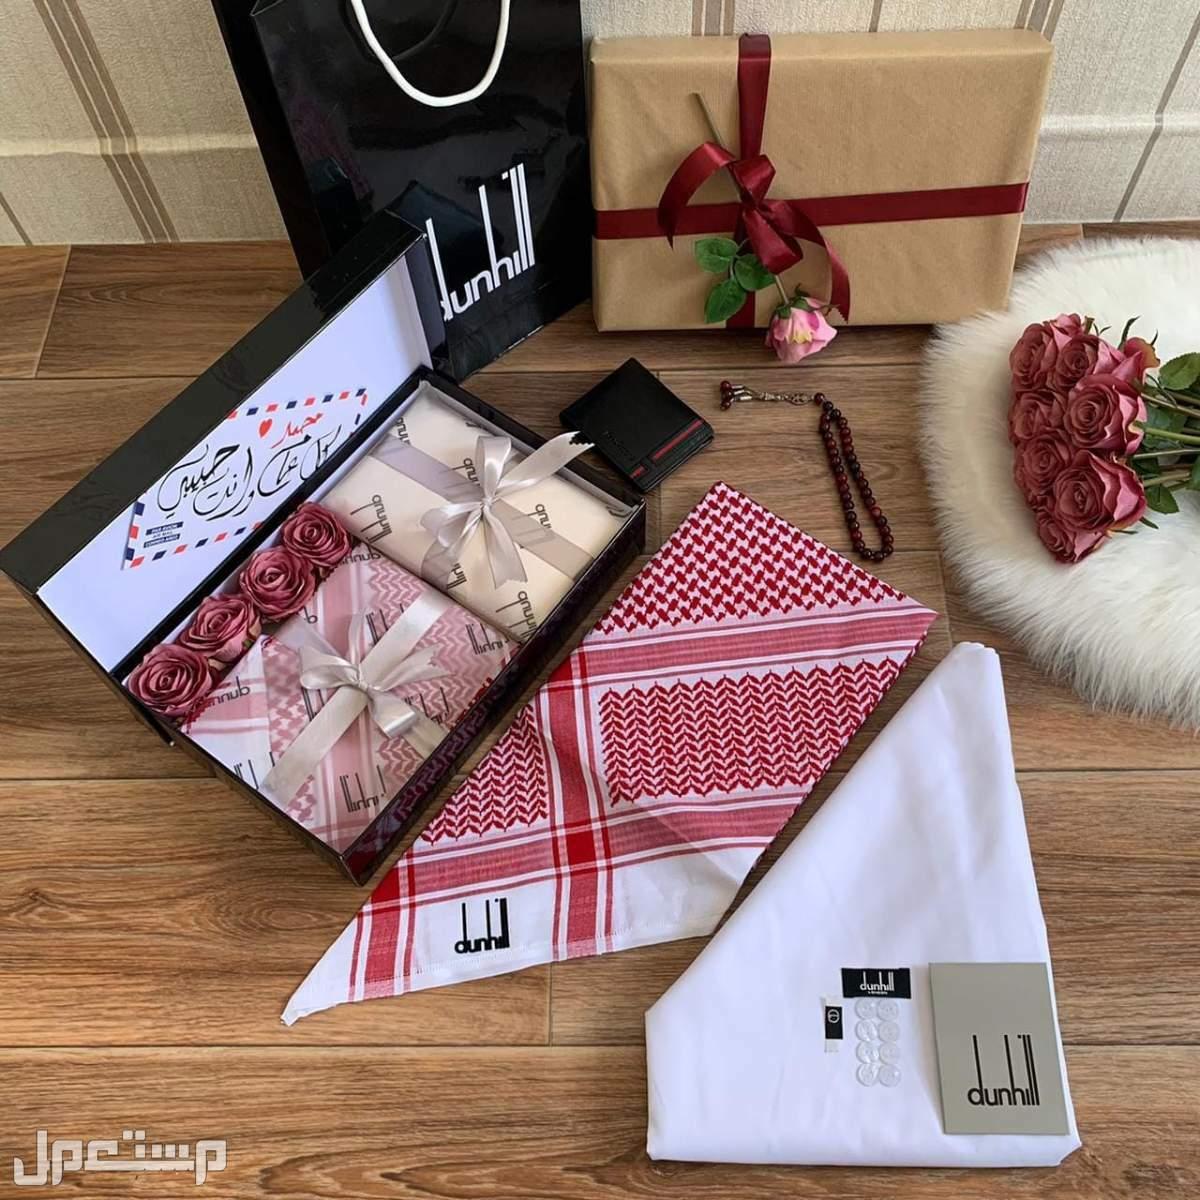 هدايا العيد بكس فخم ومميز من دنهل افخر الاقمشه والشماغات الفاخره♥يوجد شحن